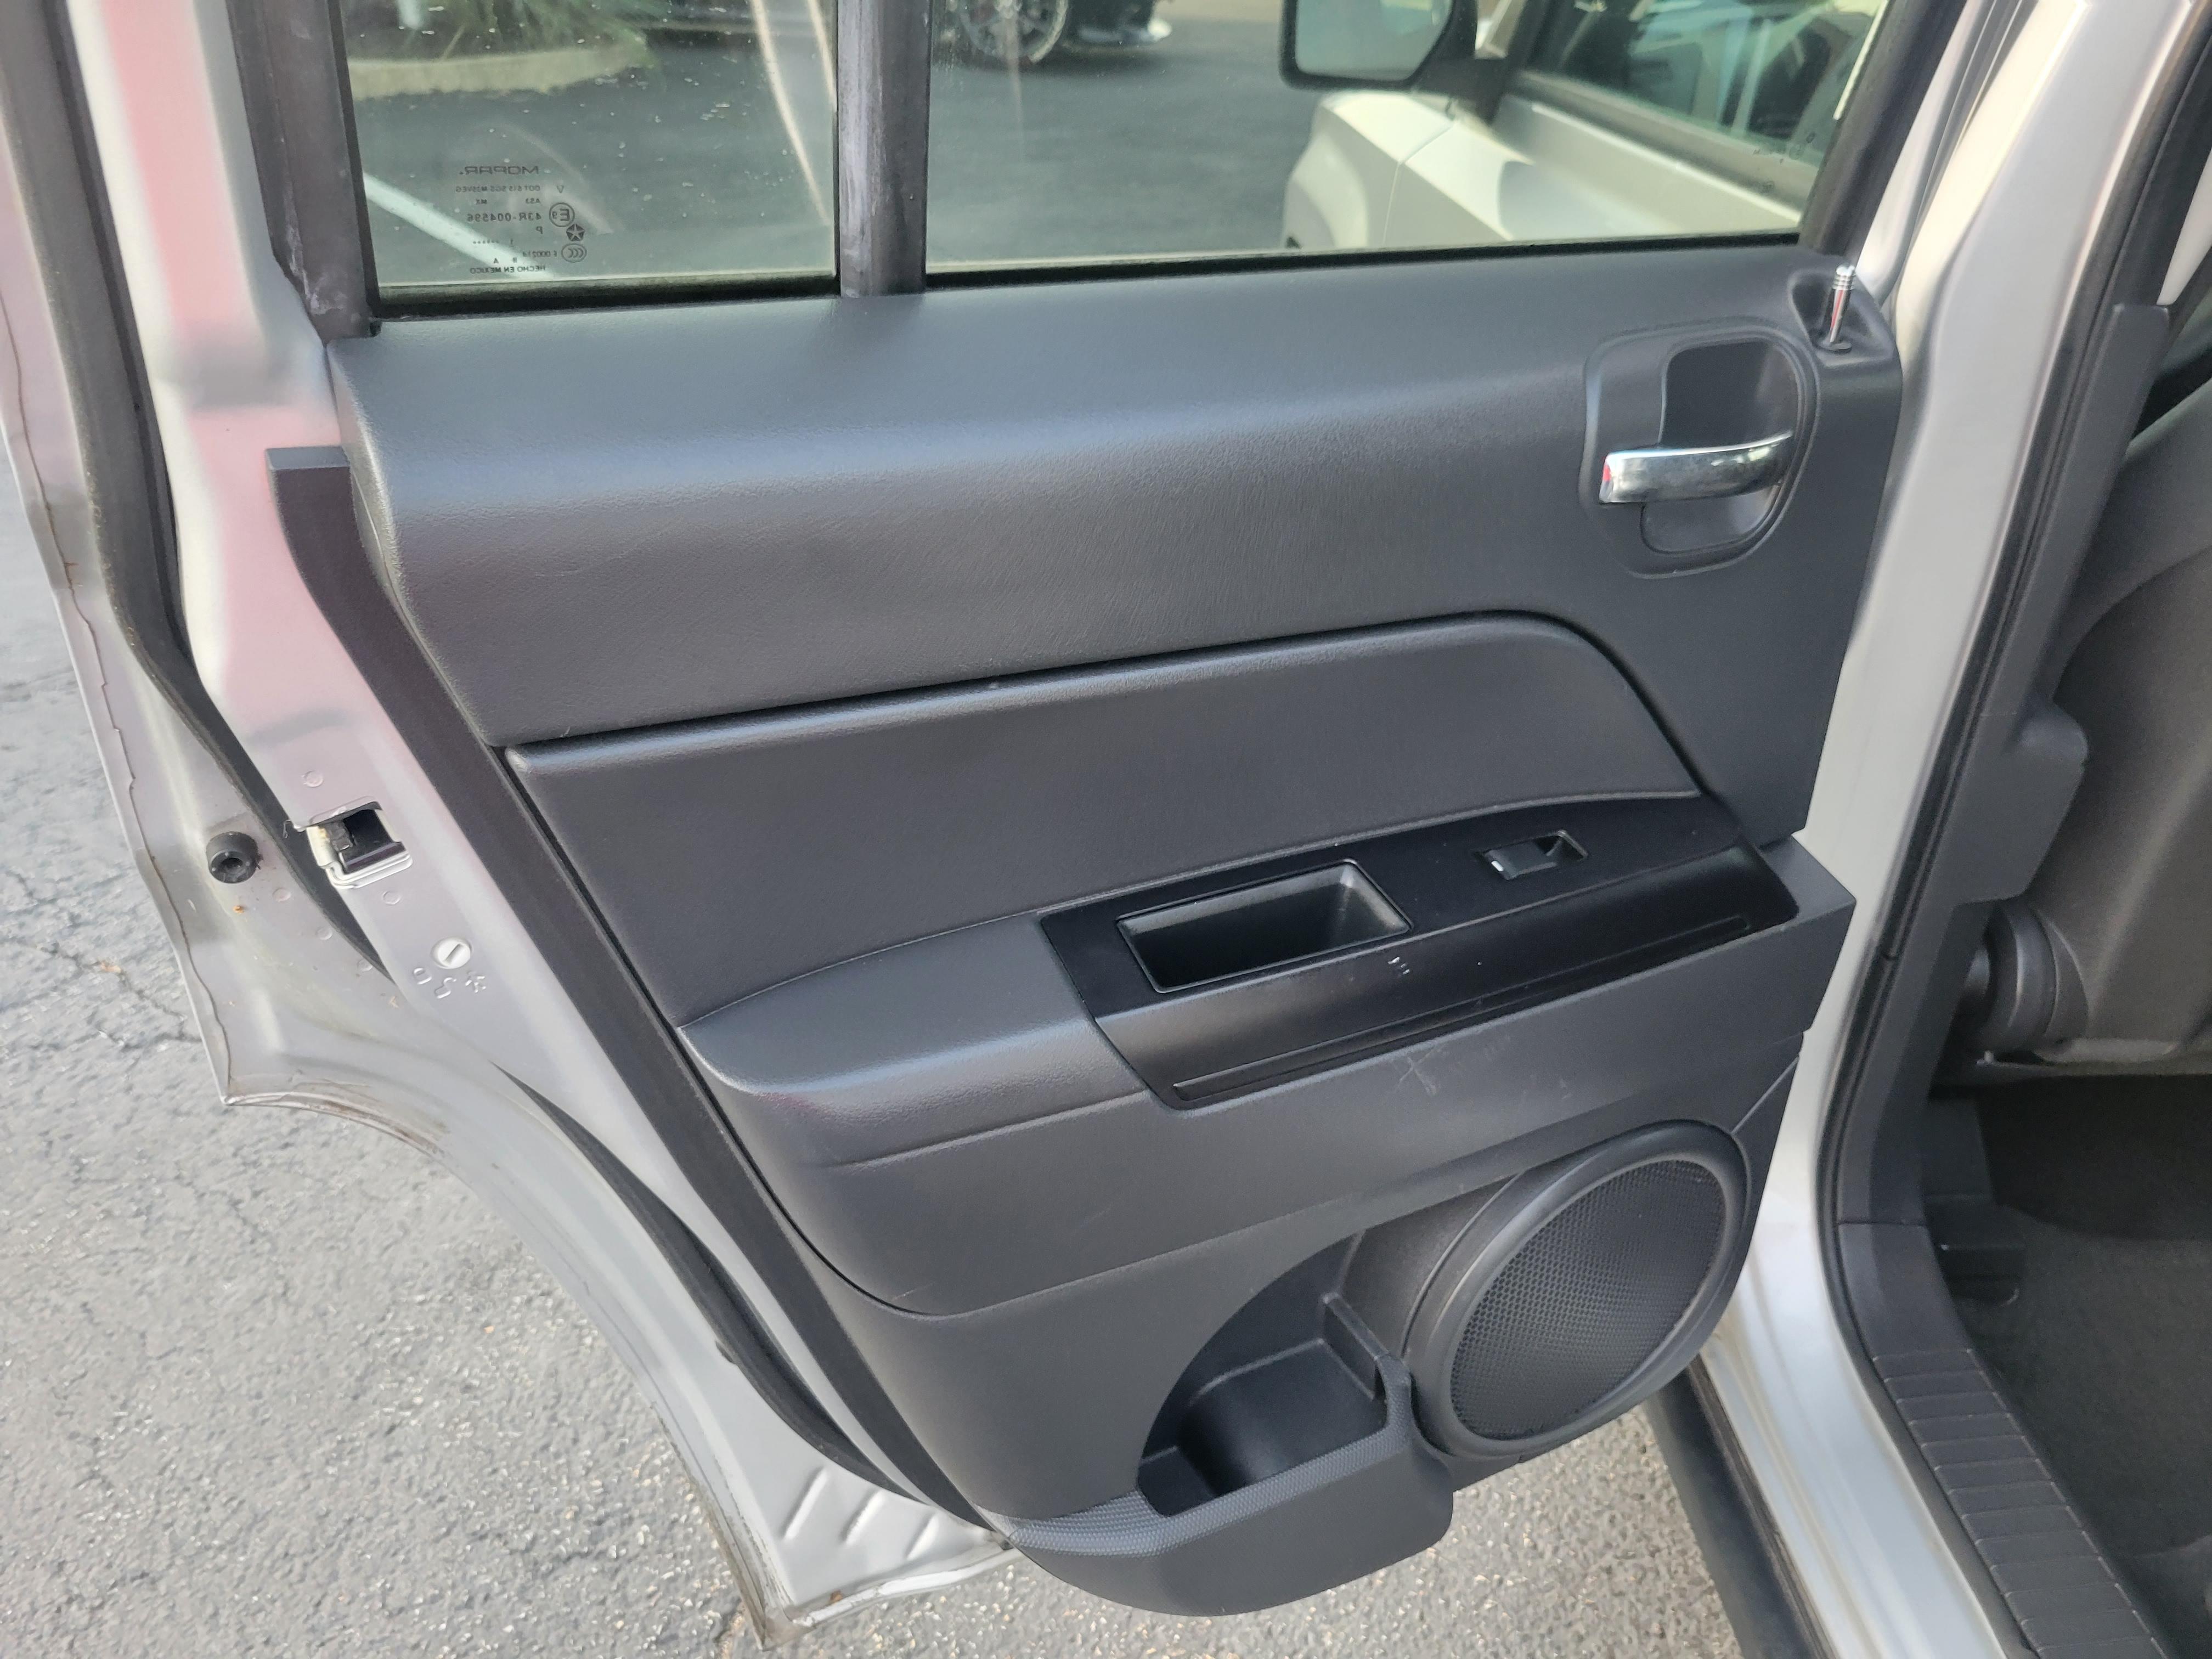 used vehicle - SUV JEEP PATRIOT 2012